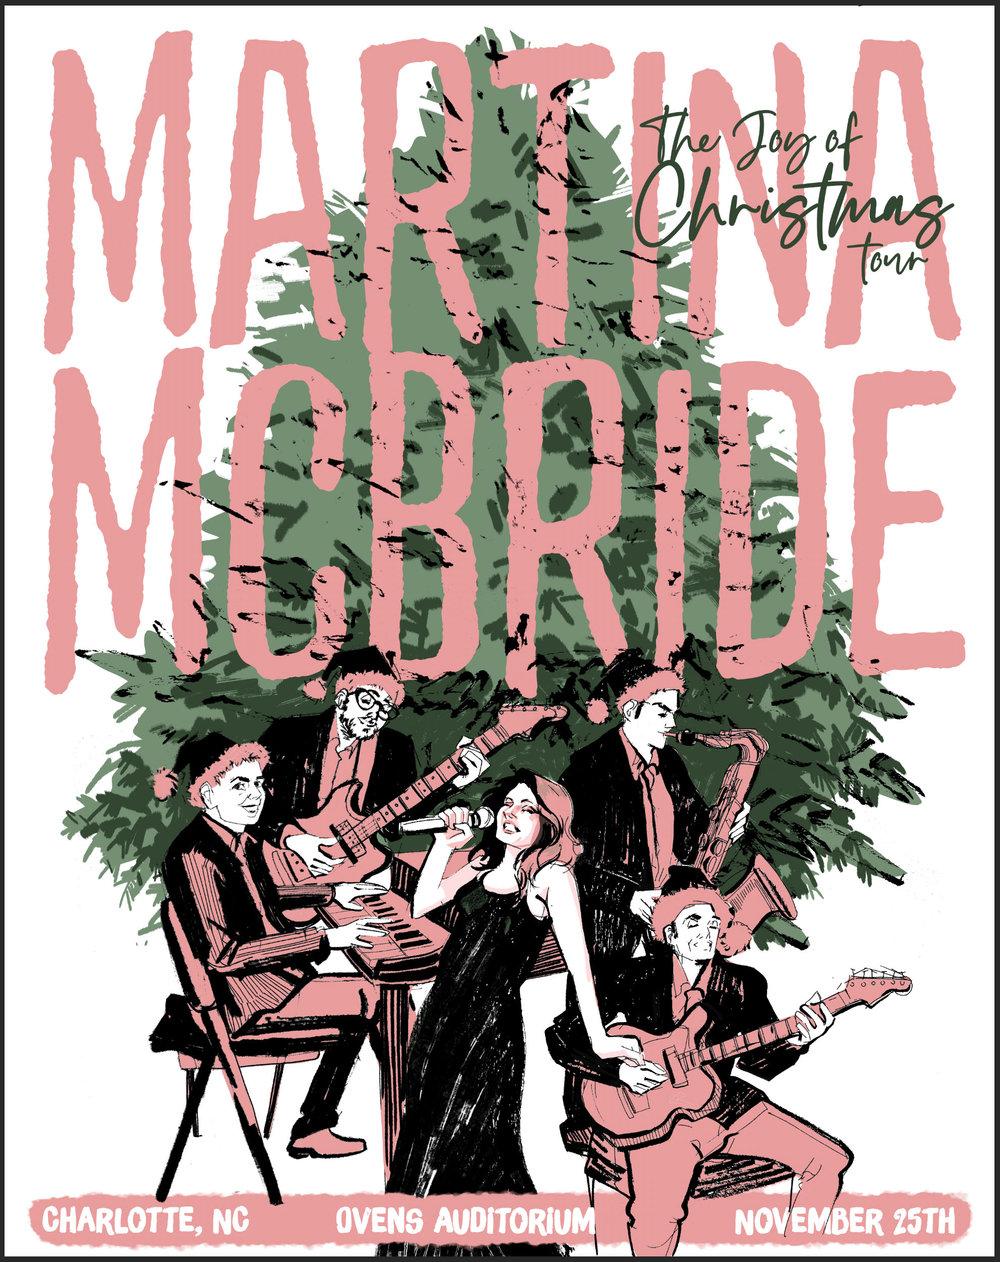 Martina Mcbride Joy of Christmas Poster